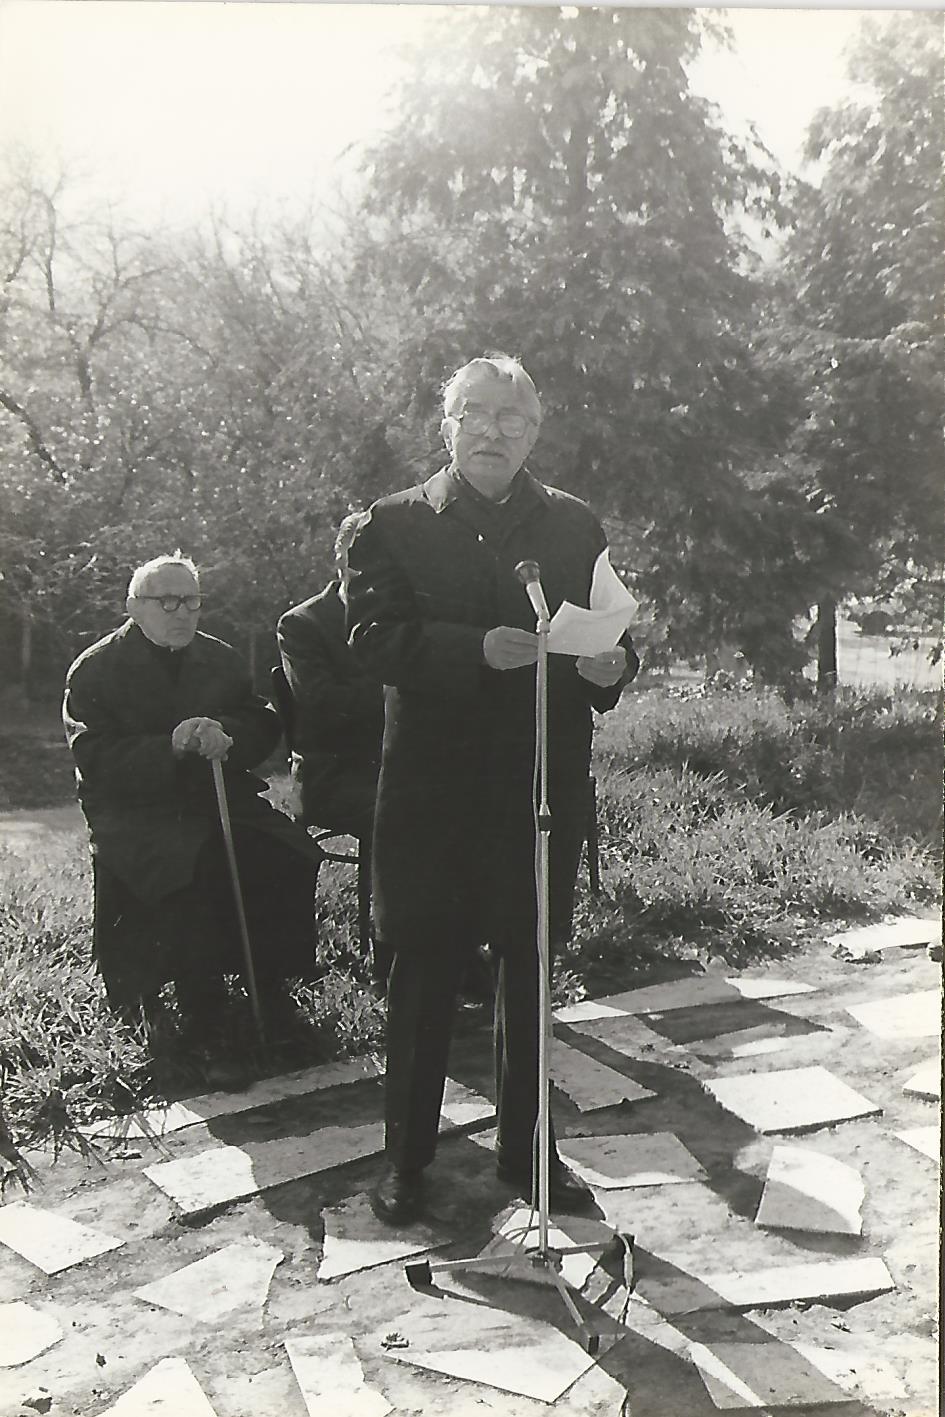 Illyés Gyula: Egy mondat a zsarnokságról 1990. október 23. Mensáros László Kossuth-díjas színművész, Fotó Csiha László